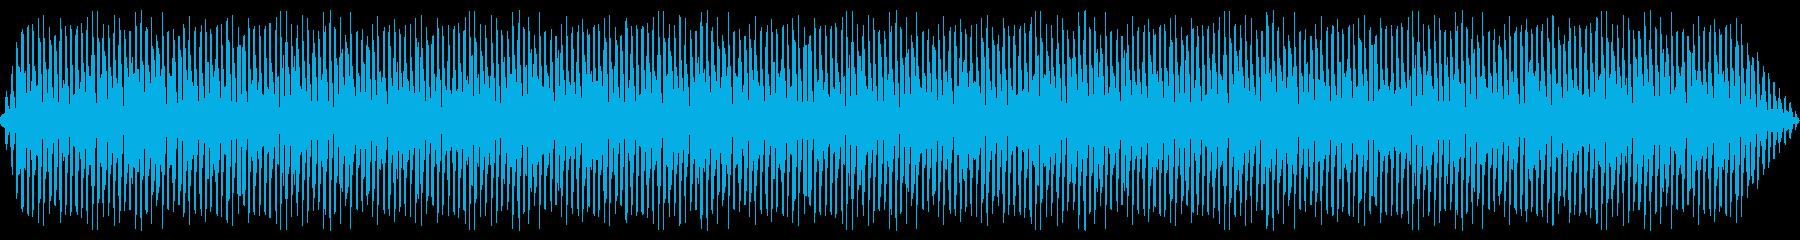 ディーゼル発電機:低周波スロットル...の再生済みの波形